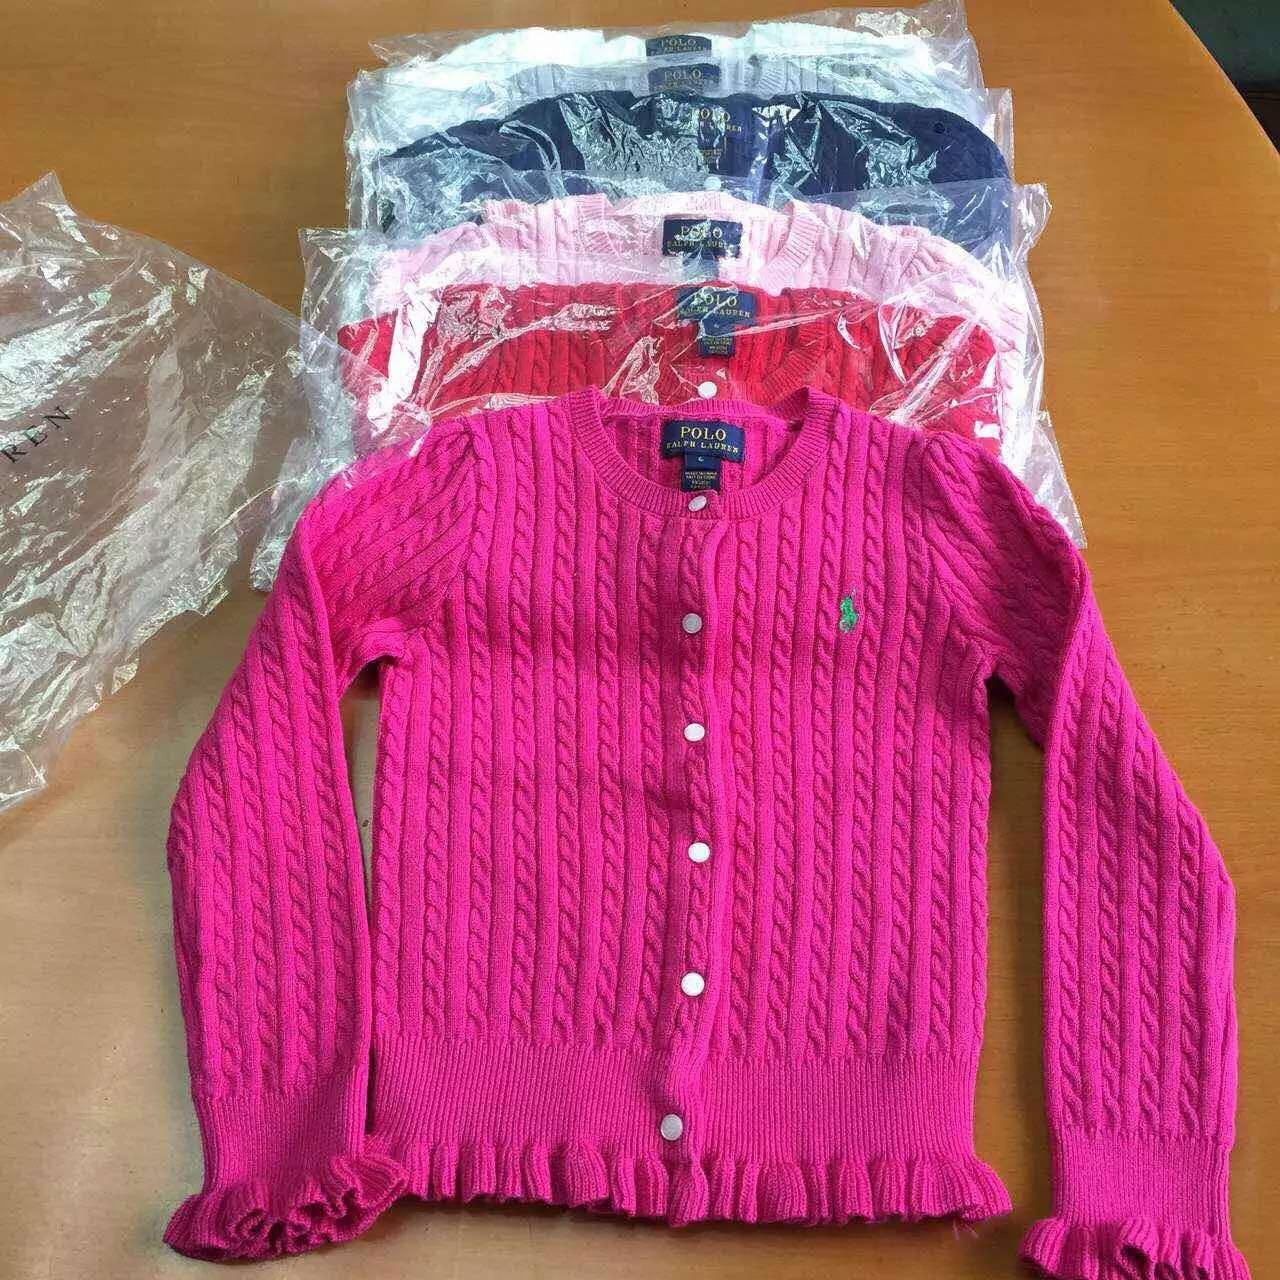 Внешней торговли оригинальных славянских детей детей RL поло дома Раффлед хлопок джемпер свитер пальто 7Т